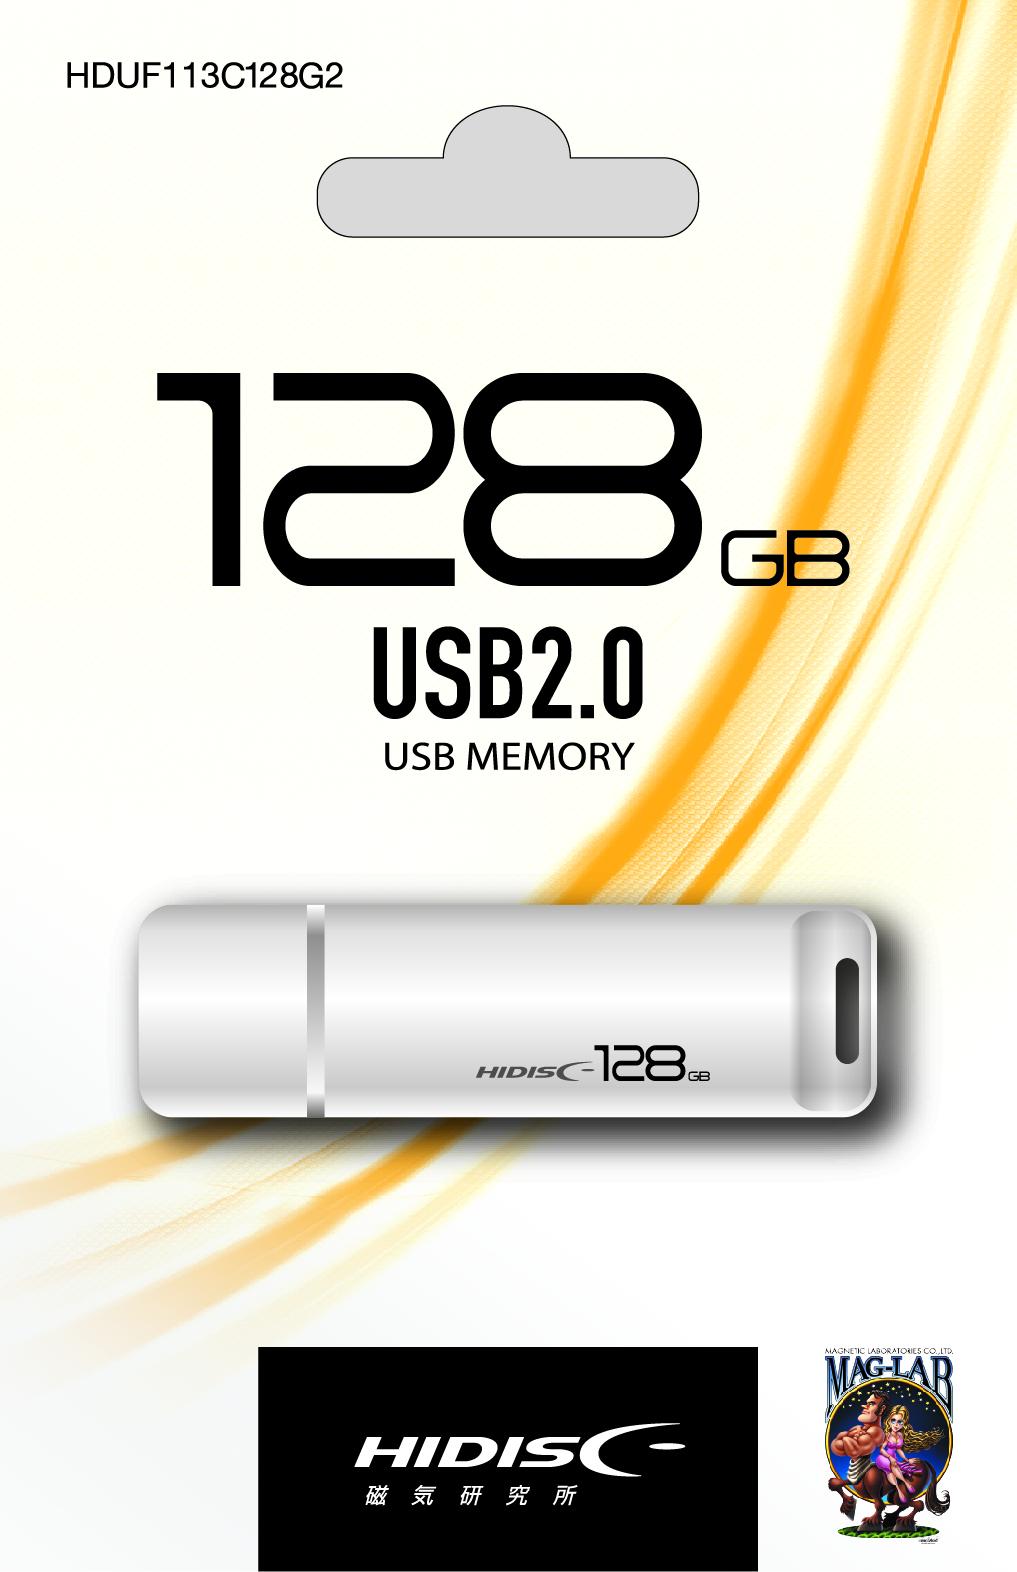 HIDISC USB 2.0 フラッシュドライブ 128GB 白 キャップ式